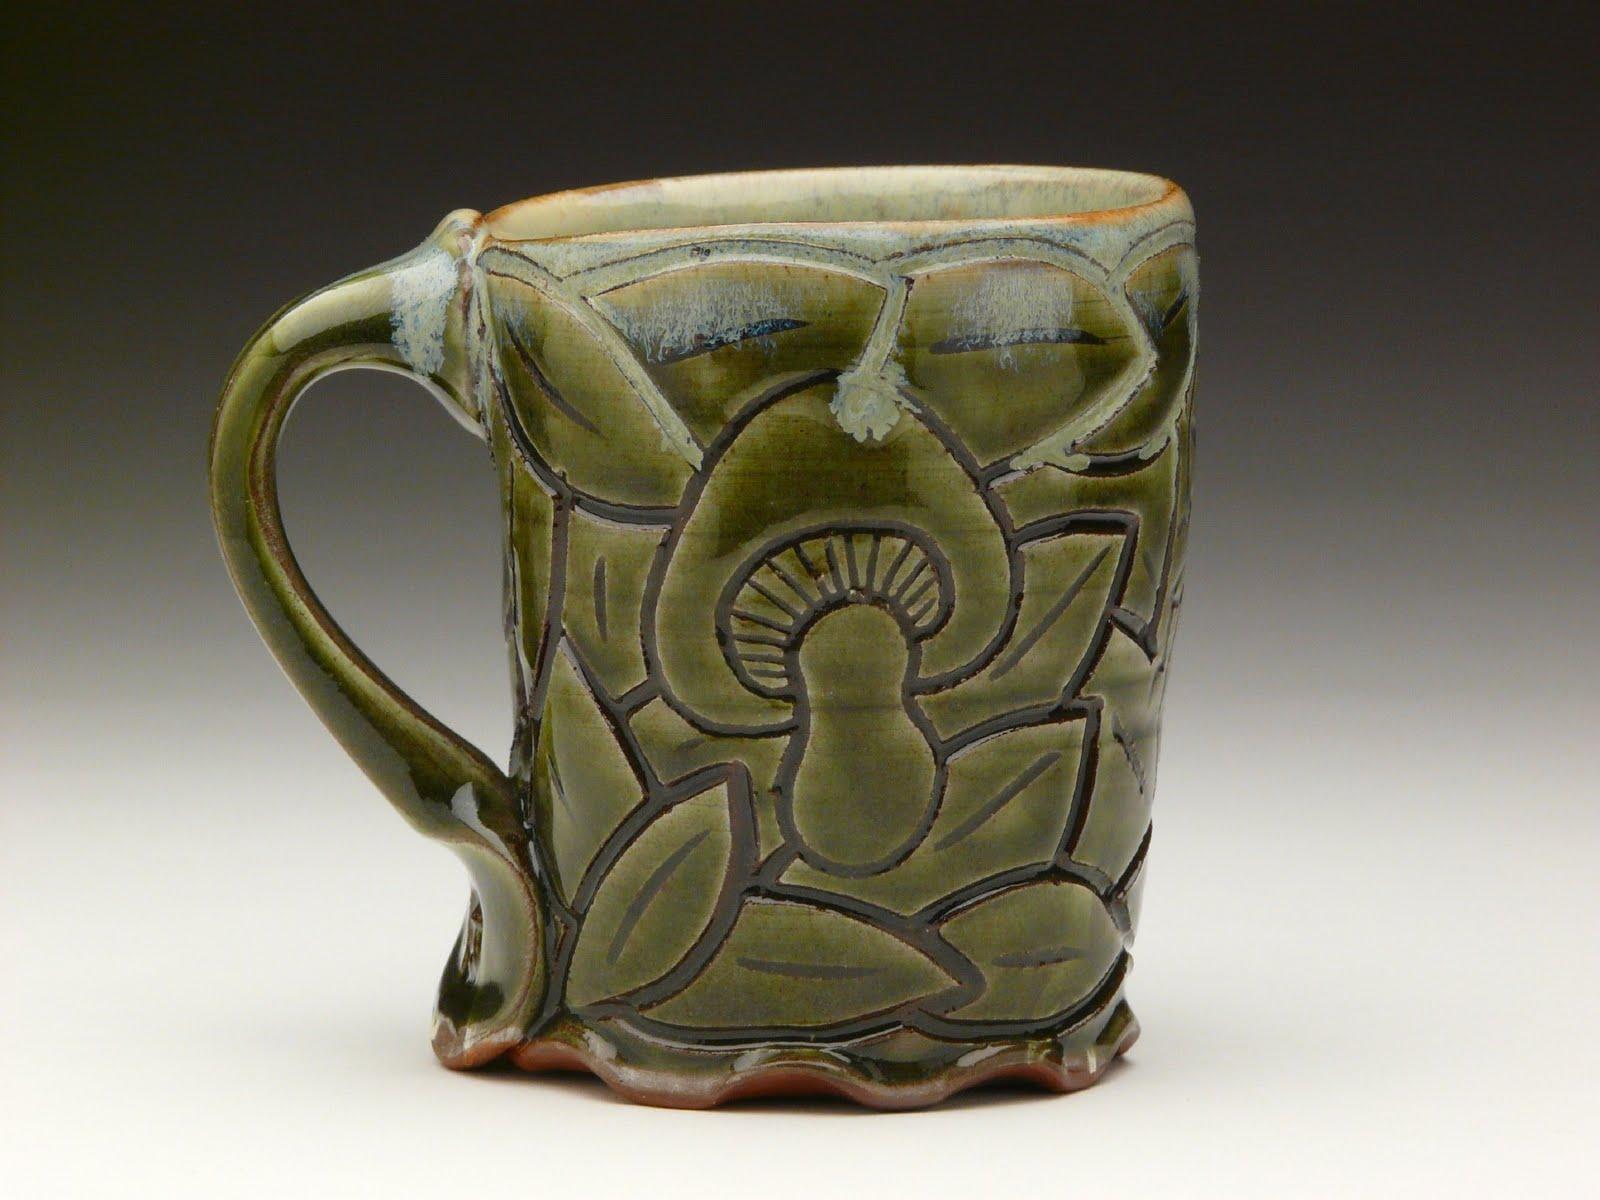 green mug with mushies on it.